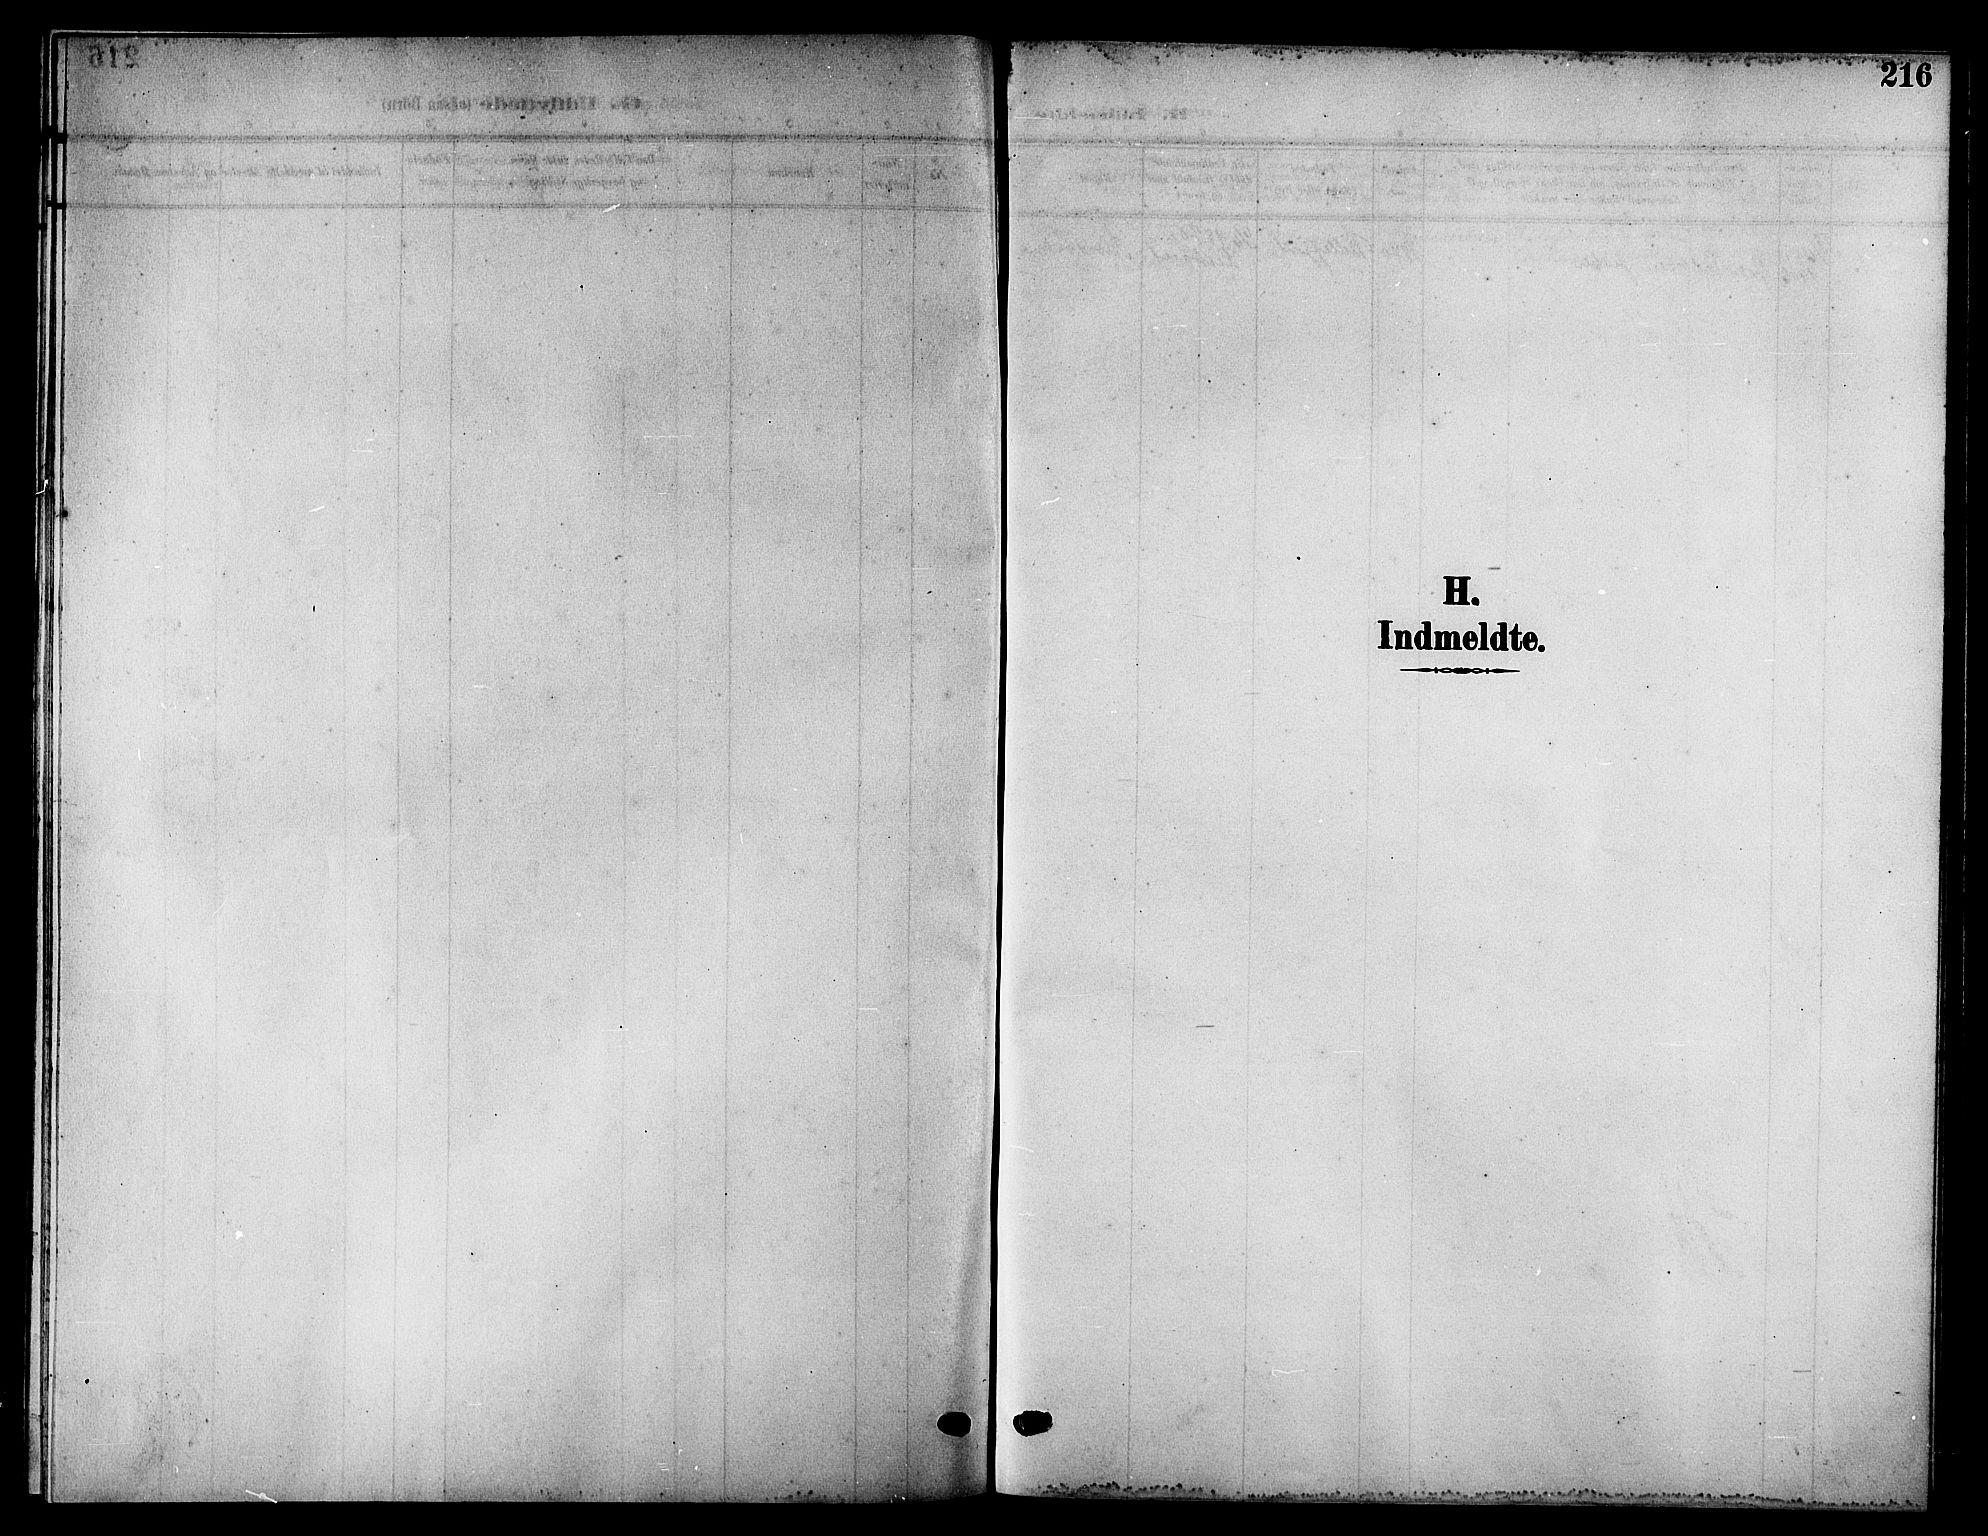 SATØ, Kistrand/Porsanger sokneprestembete, H/Hb/L0006.klokk: Klokkerbok nr. 6, 1905-1917, s. 216